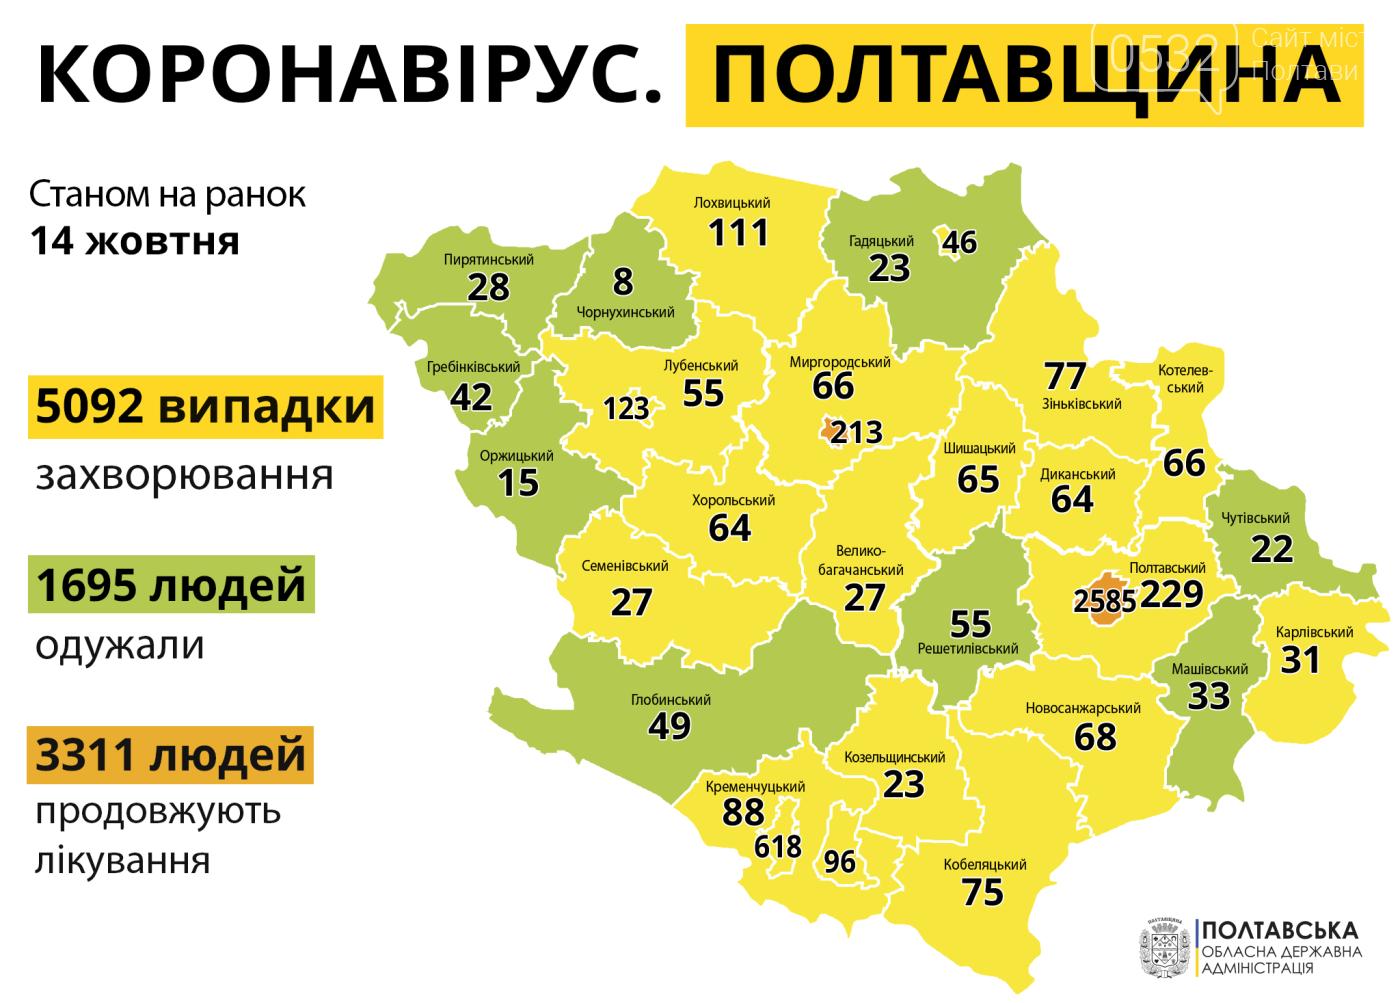 На Полтавщині за минулу добу зафіксували 187 нових випадків COVID-19, фото-1